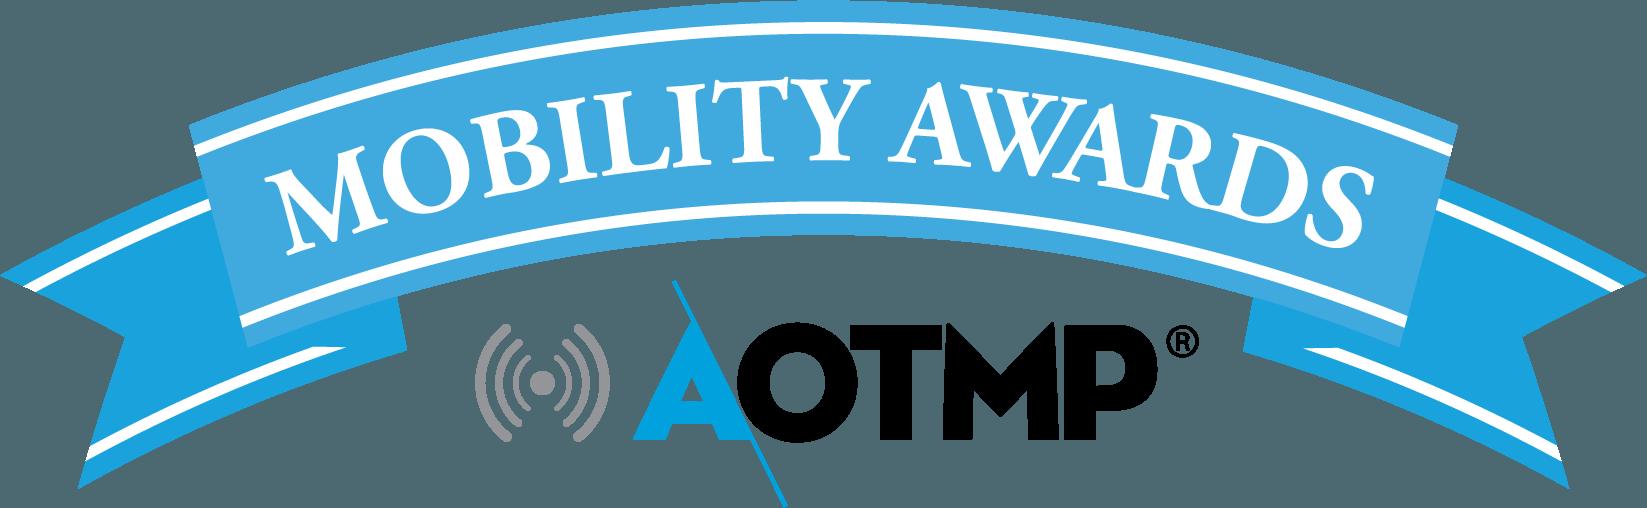 2017 Aotmp Mobility Awards Logo